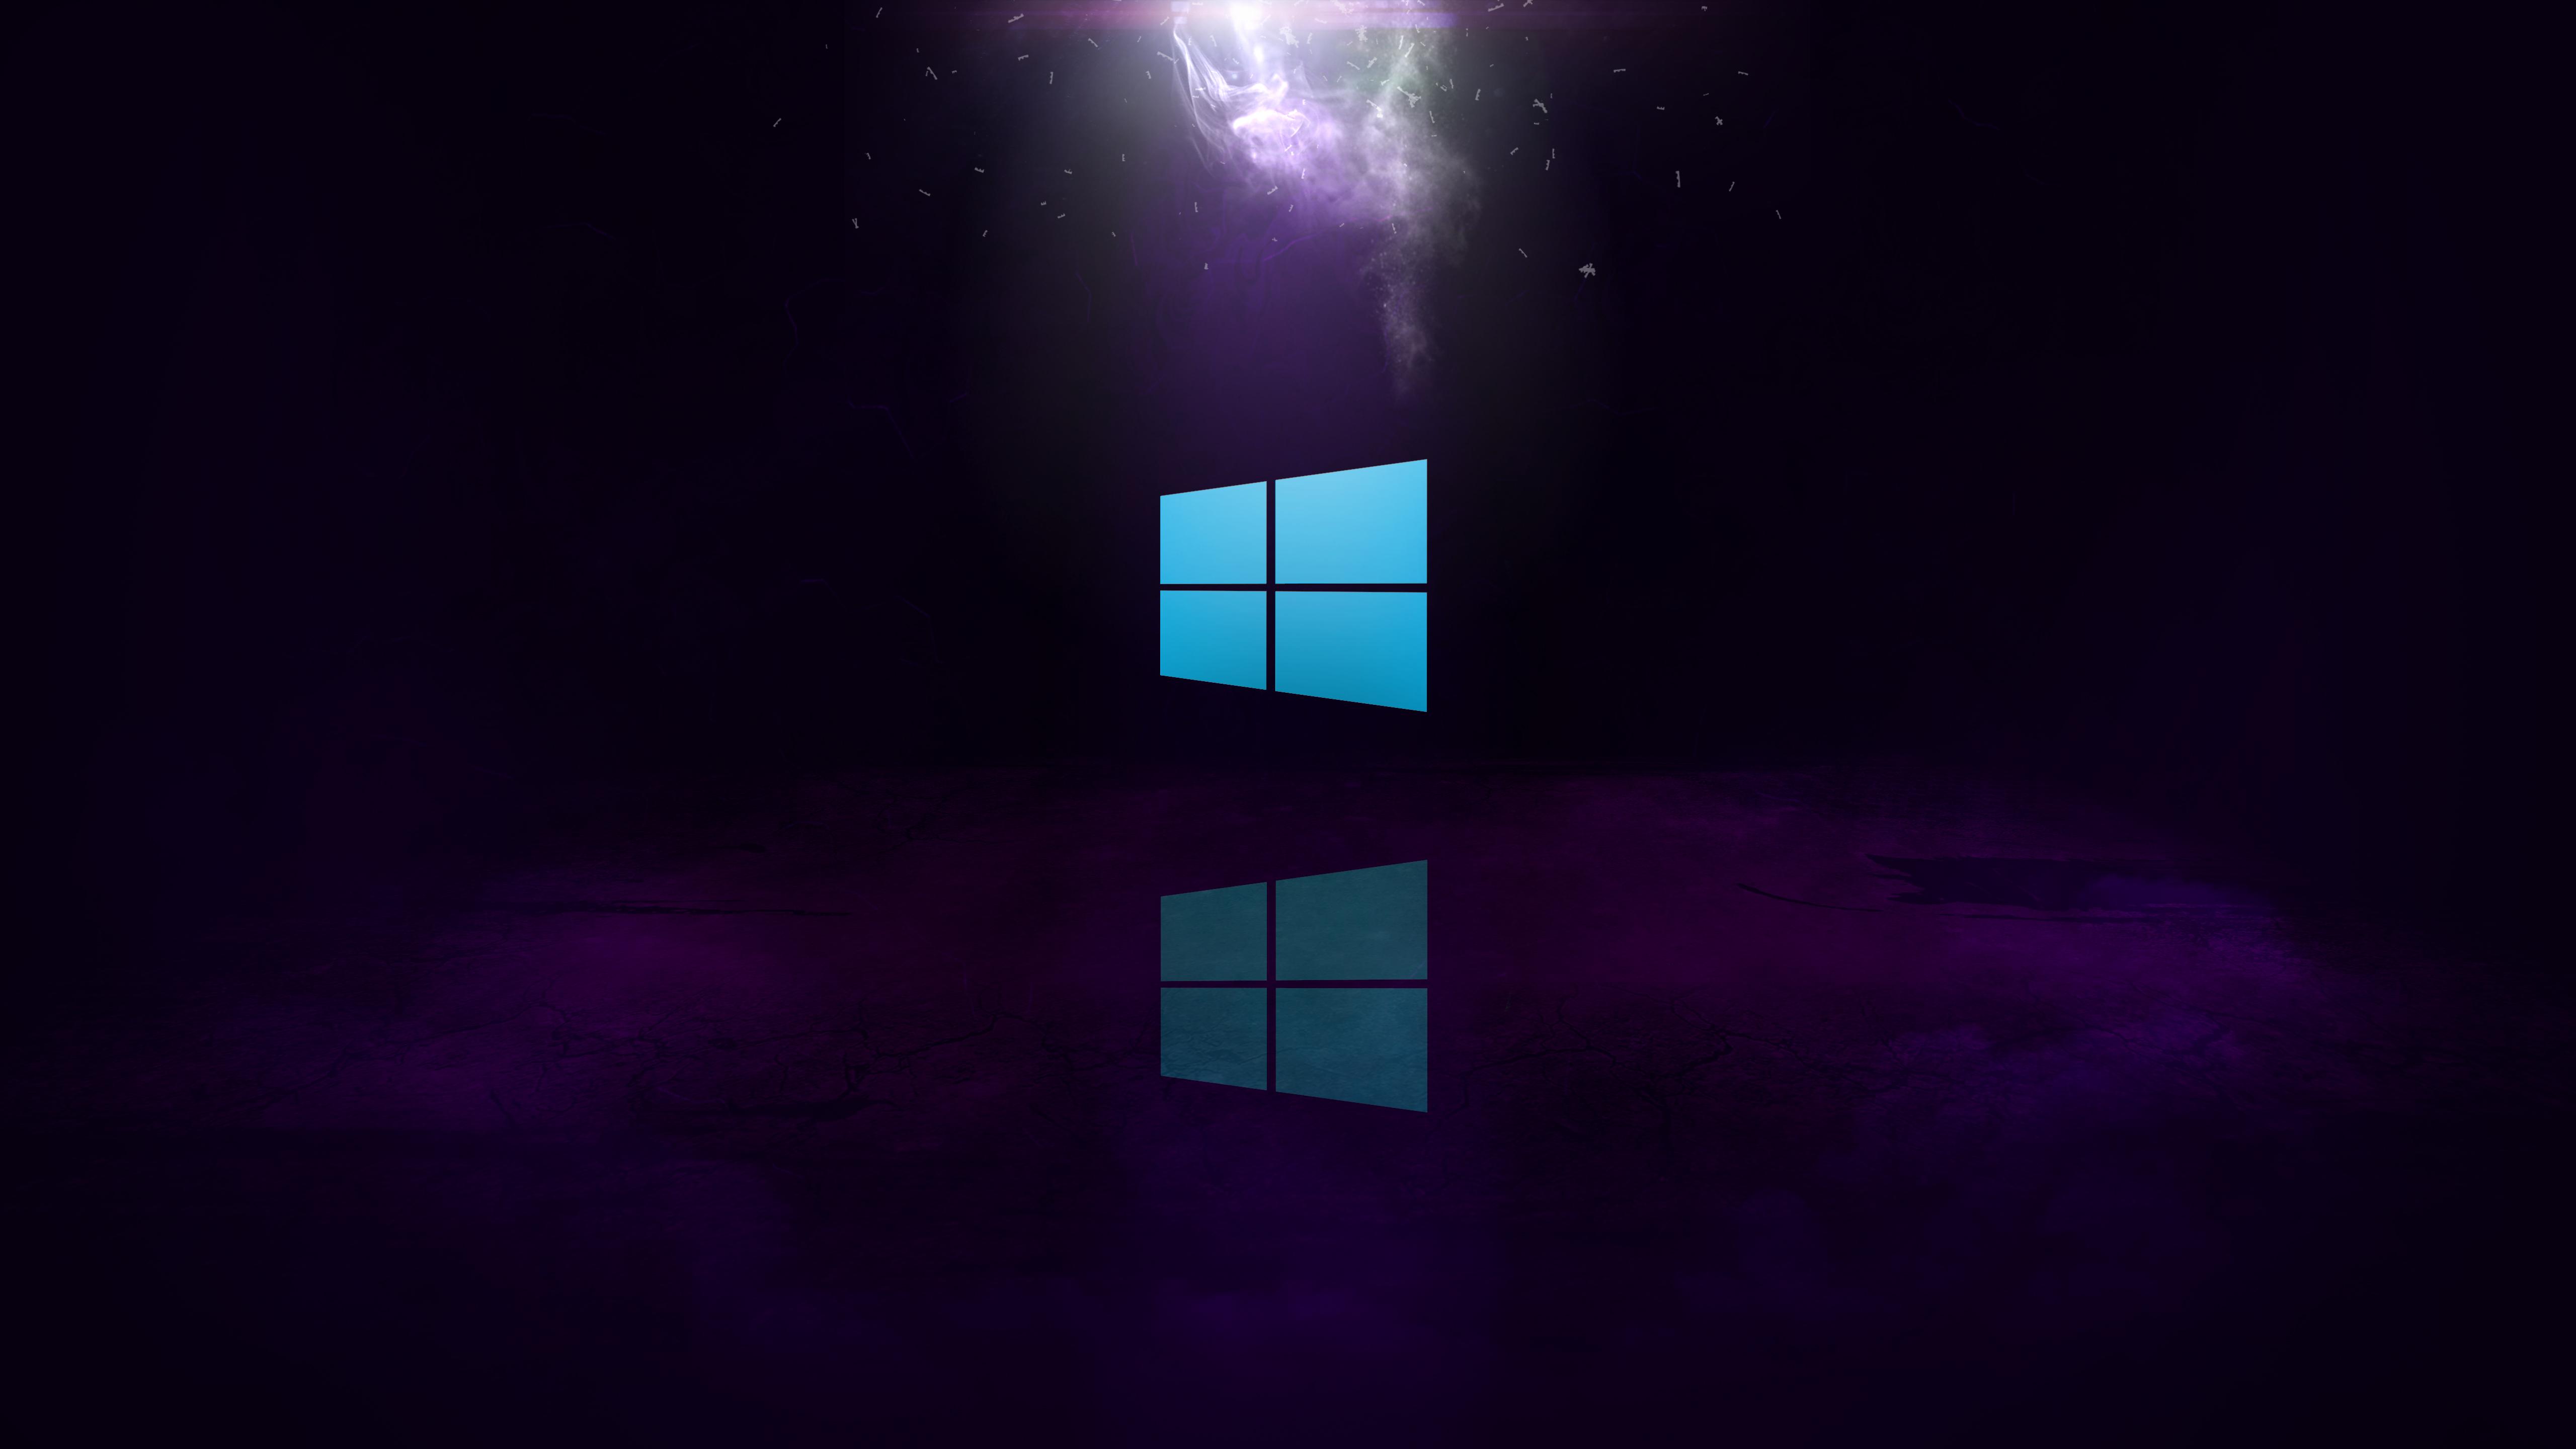 Windows 10 edge 5k retina ultra hd fondo de pantalla and for Fond d ecran 6k